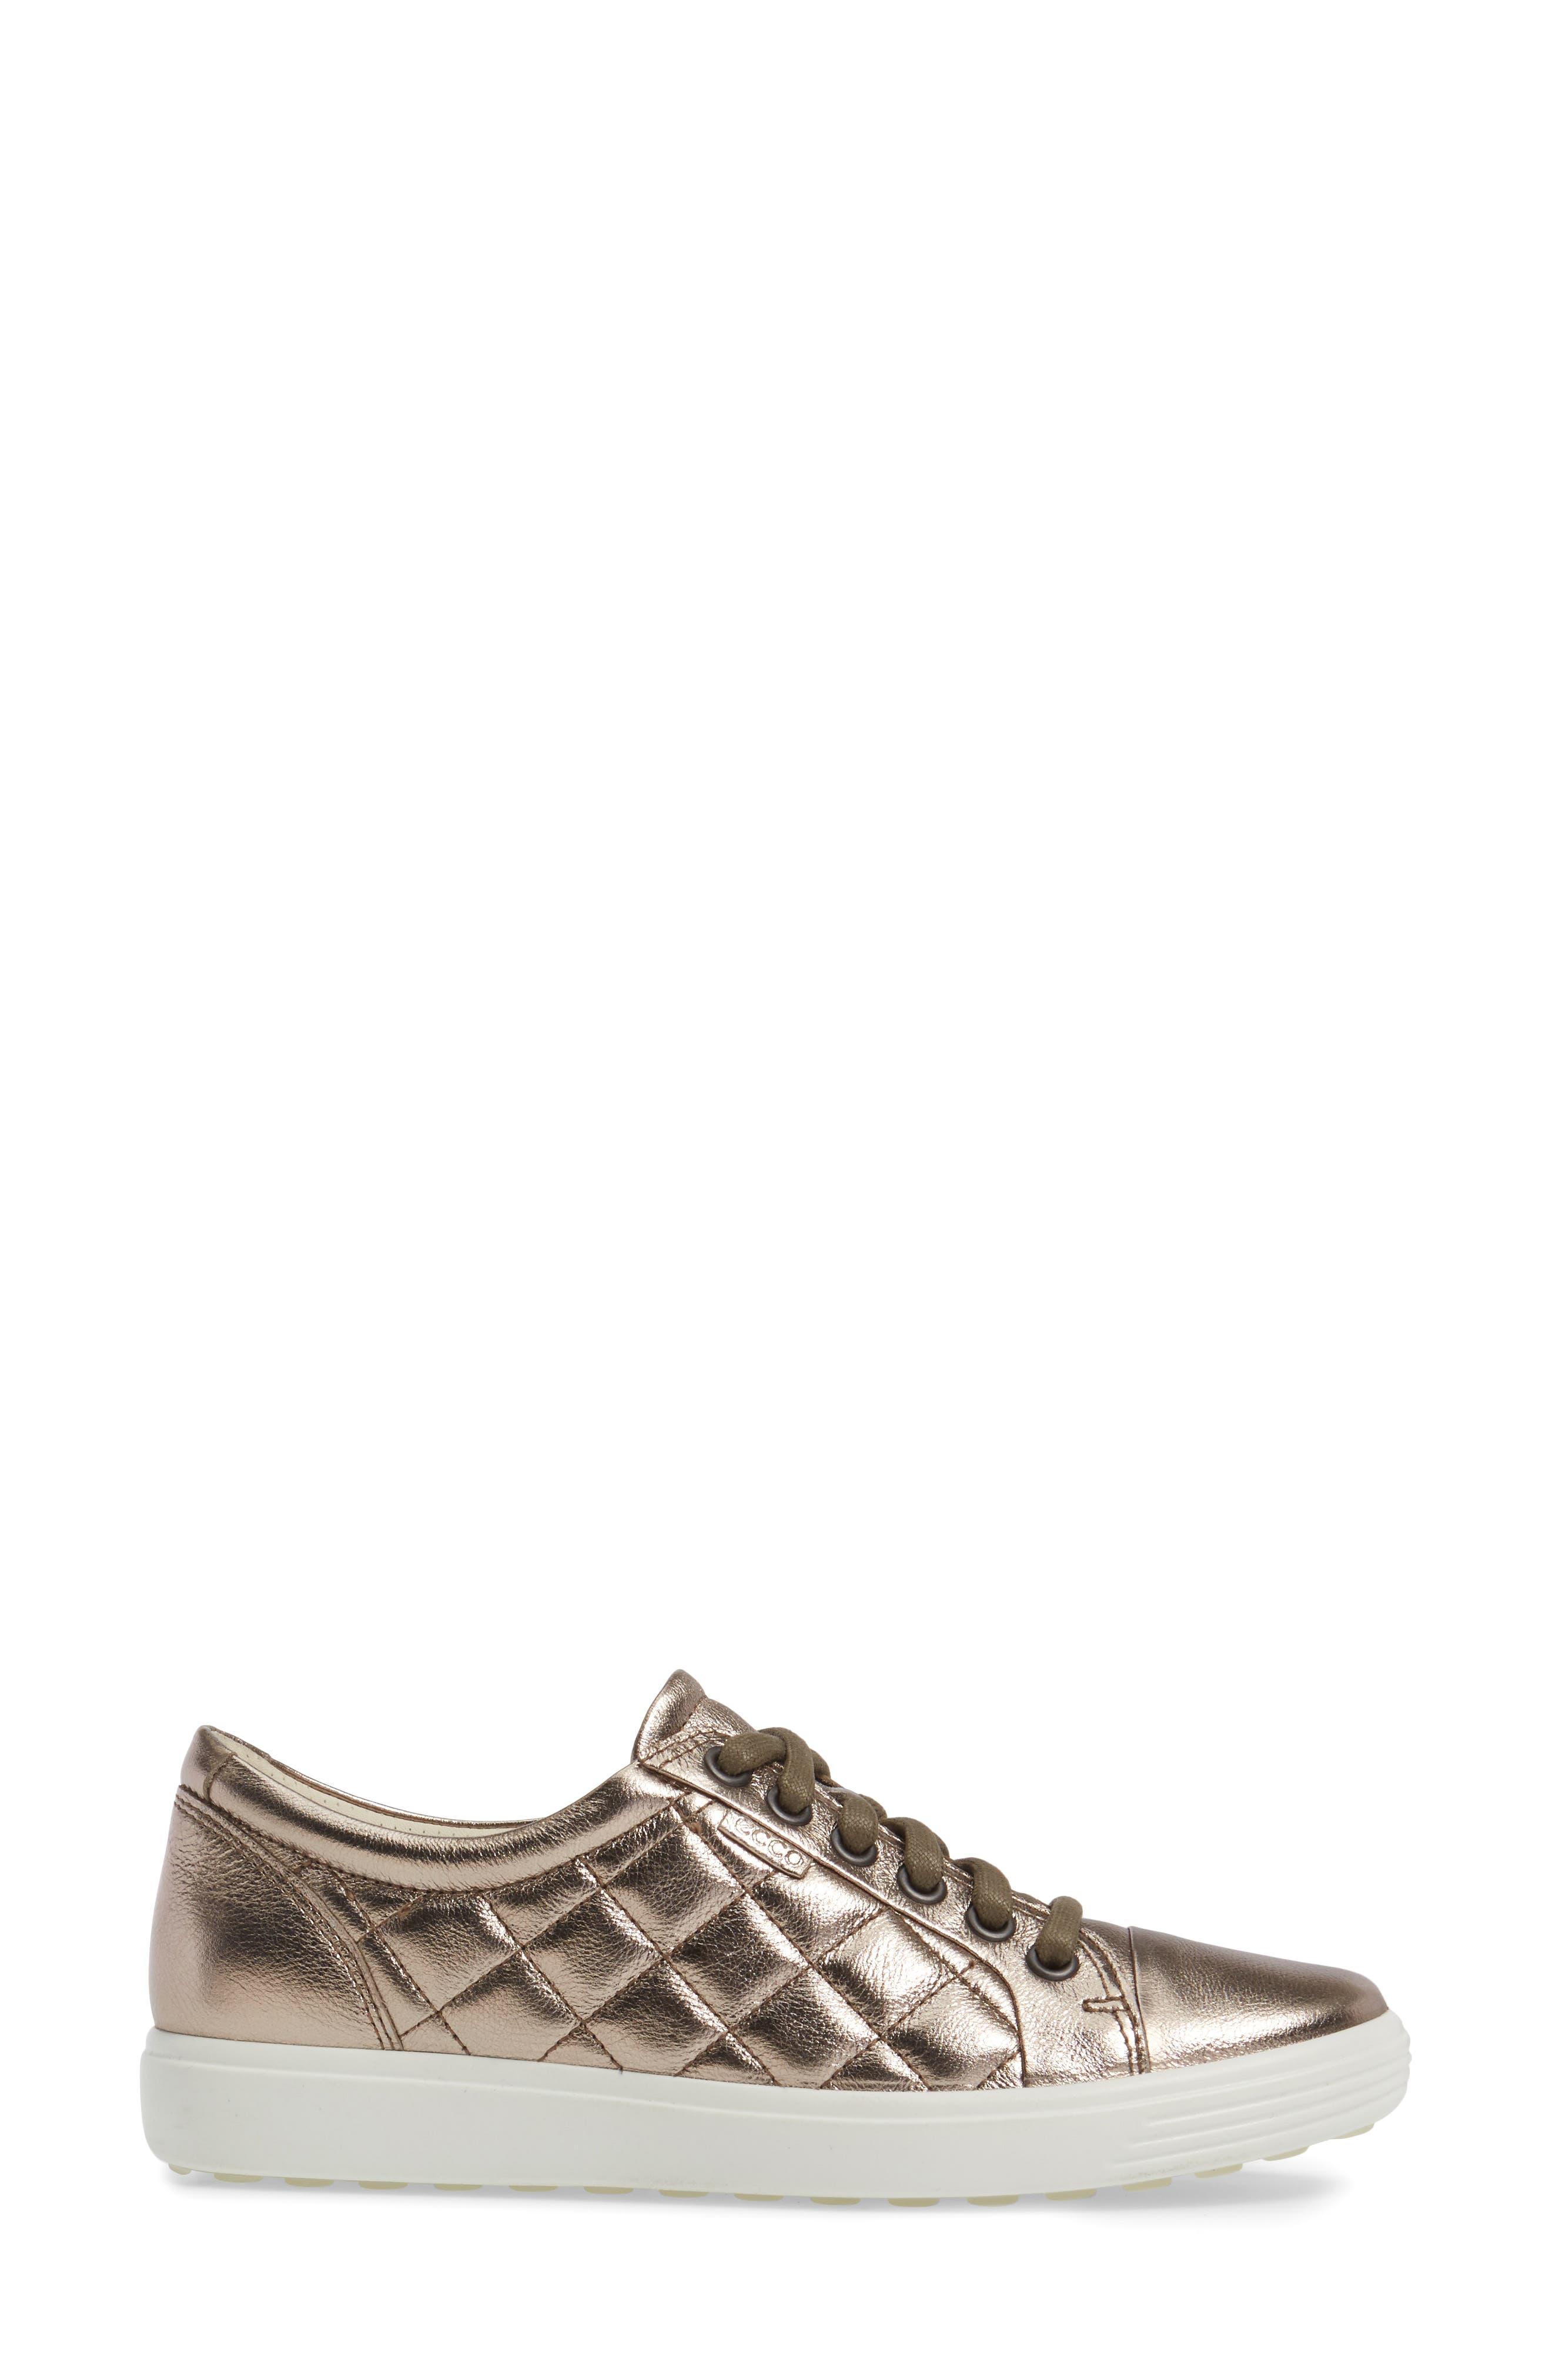 'Soft 7' Sneaker,                             Alternate thumbnail 3, color,                             050